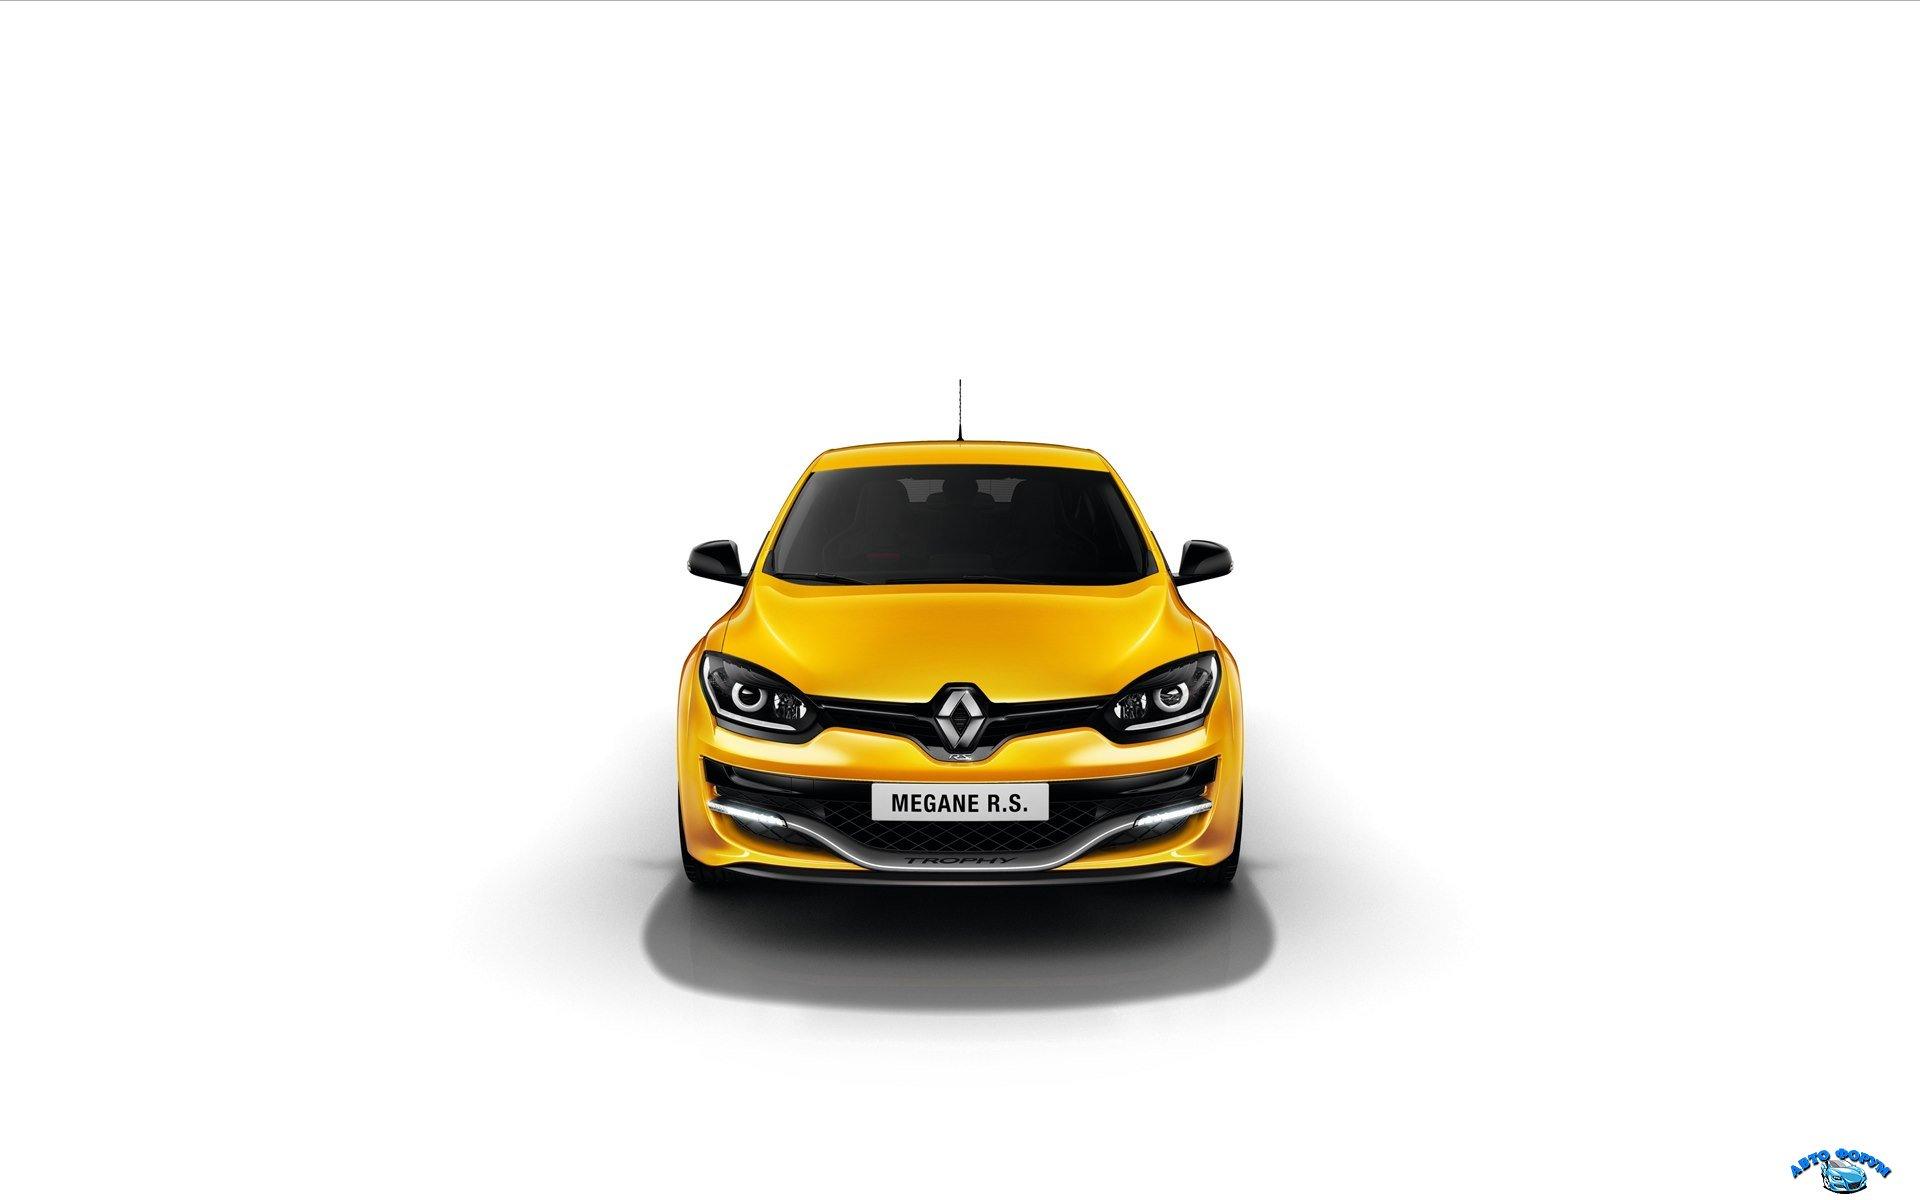 Renault-Megane-RS-275-Trophy-2014-widescreen-01.jpg